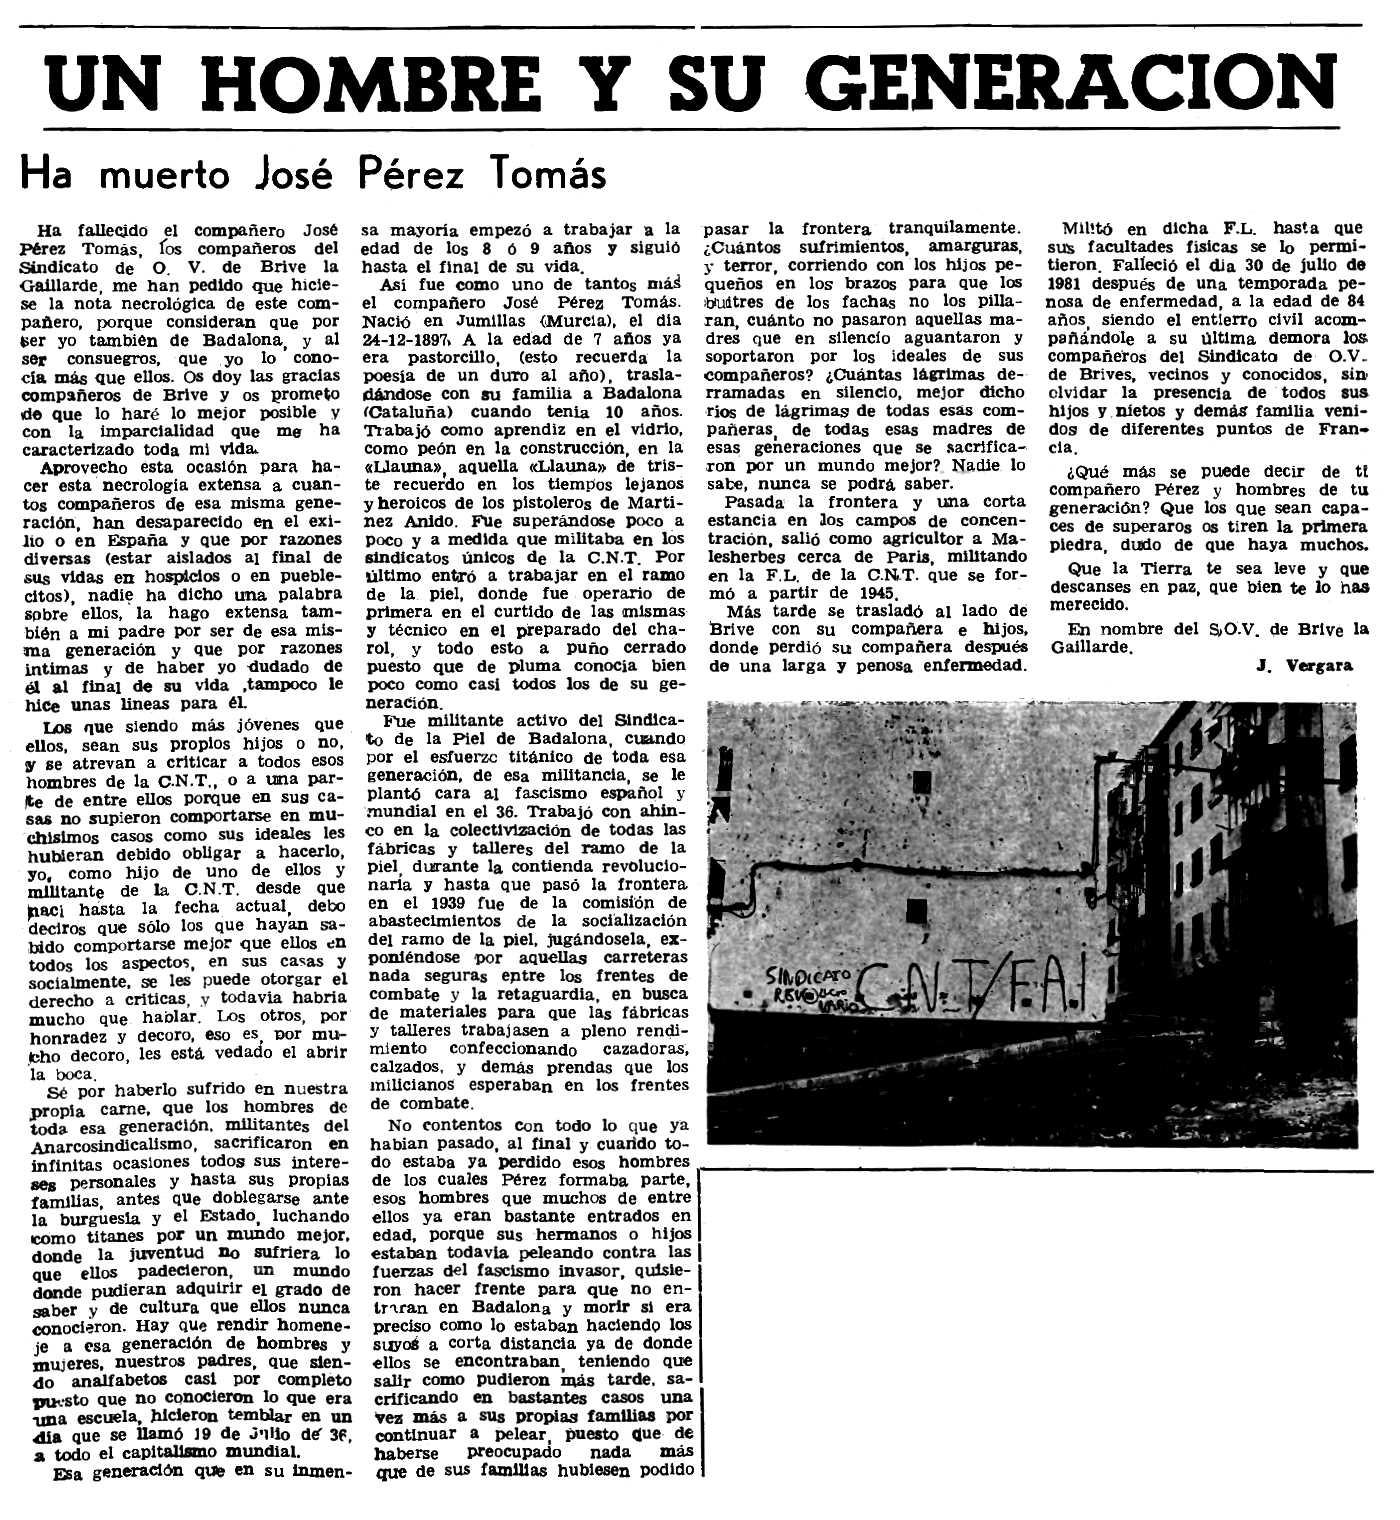 """Necrològica de José Pérez Tomás apareguda en el periòdic parisenc """"Le Combat Syndicaliste"""" del 24 de setembre de 1981"""